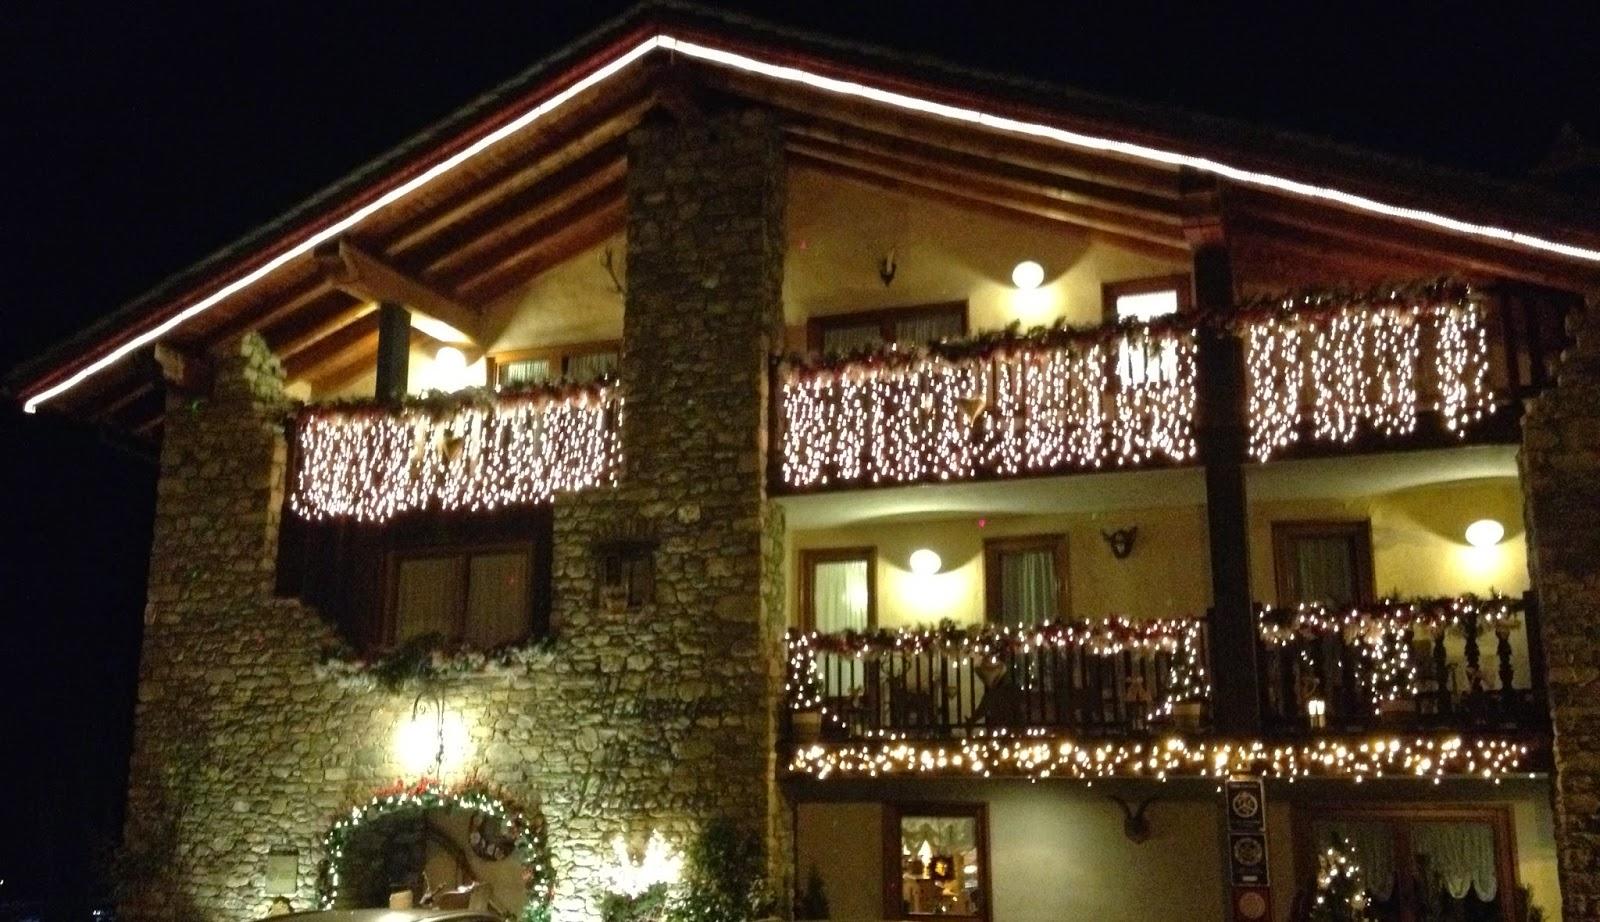 Auberge de la maison montagna incantata fourfancy magazine for Auberge de la vieille maison rimouski